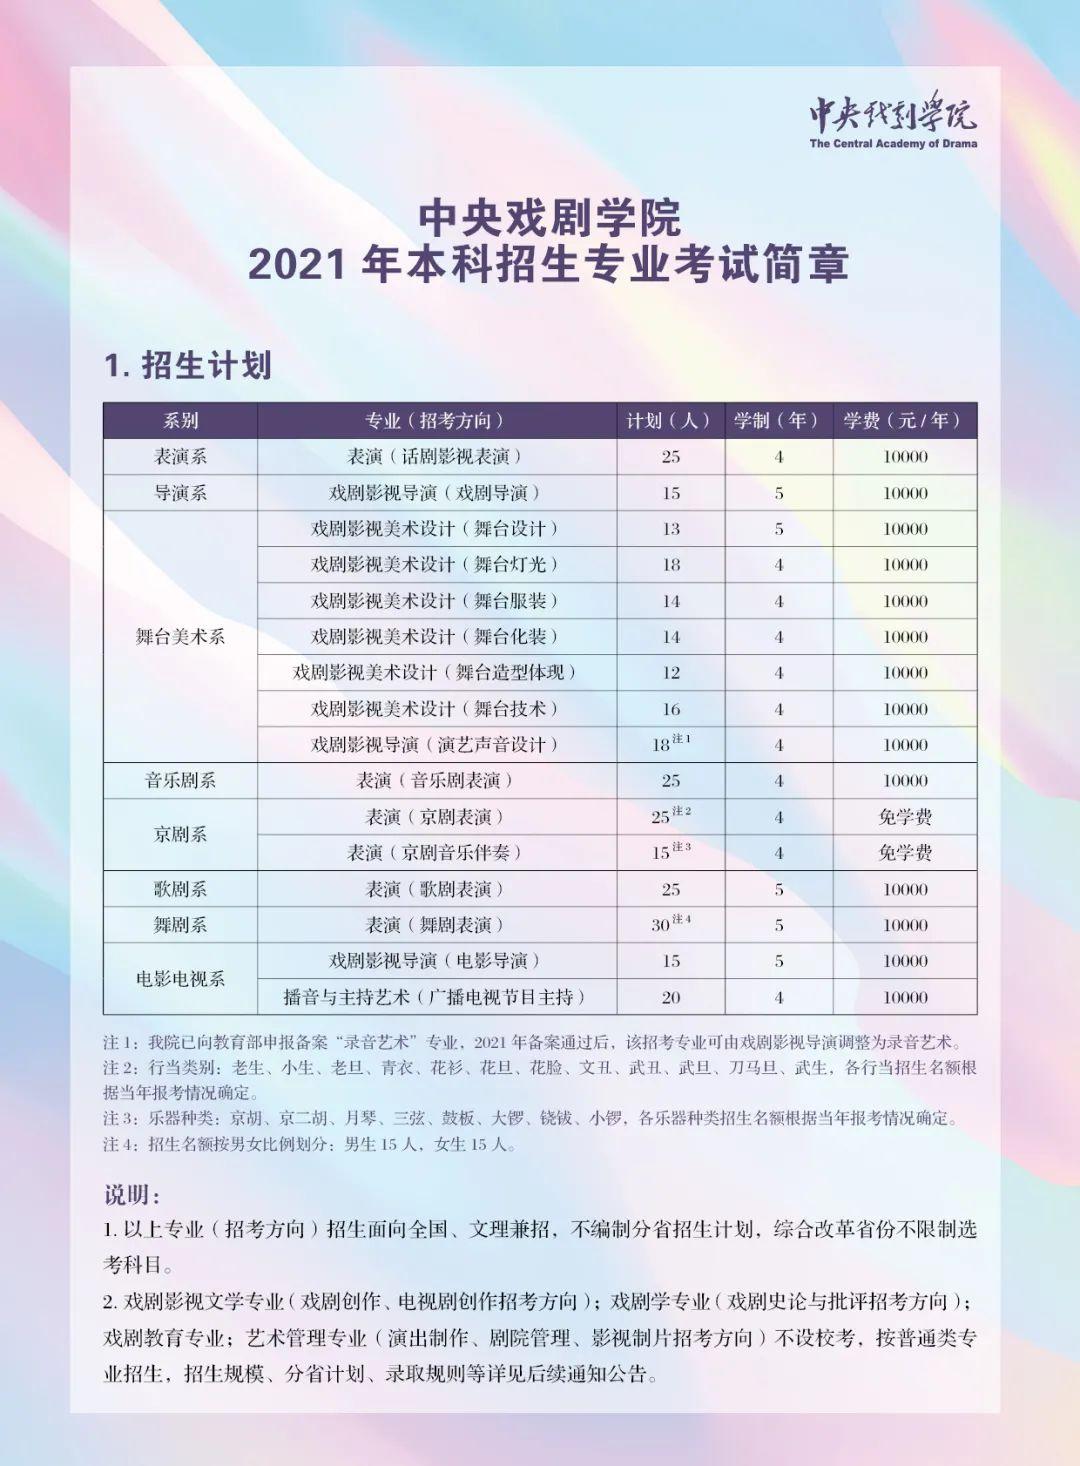 中心戲劇學院2021年本科招生簡章